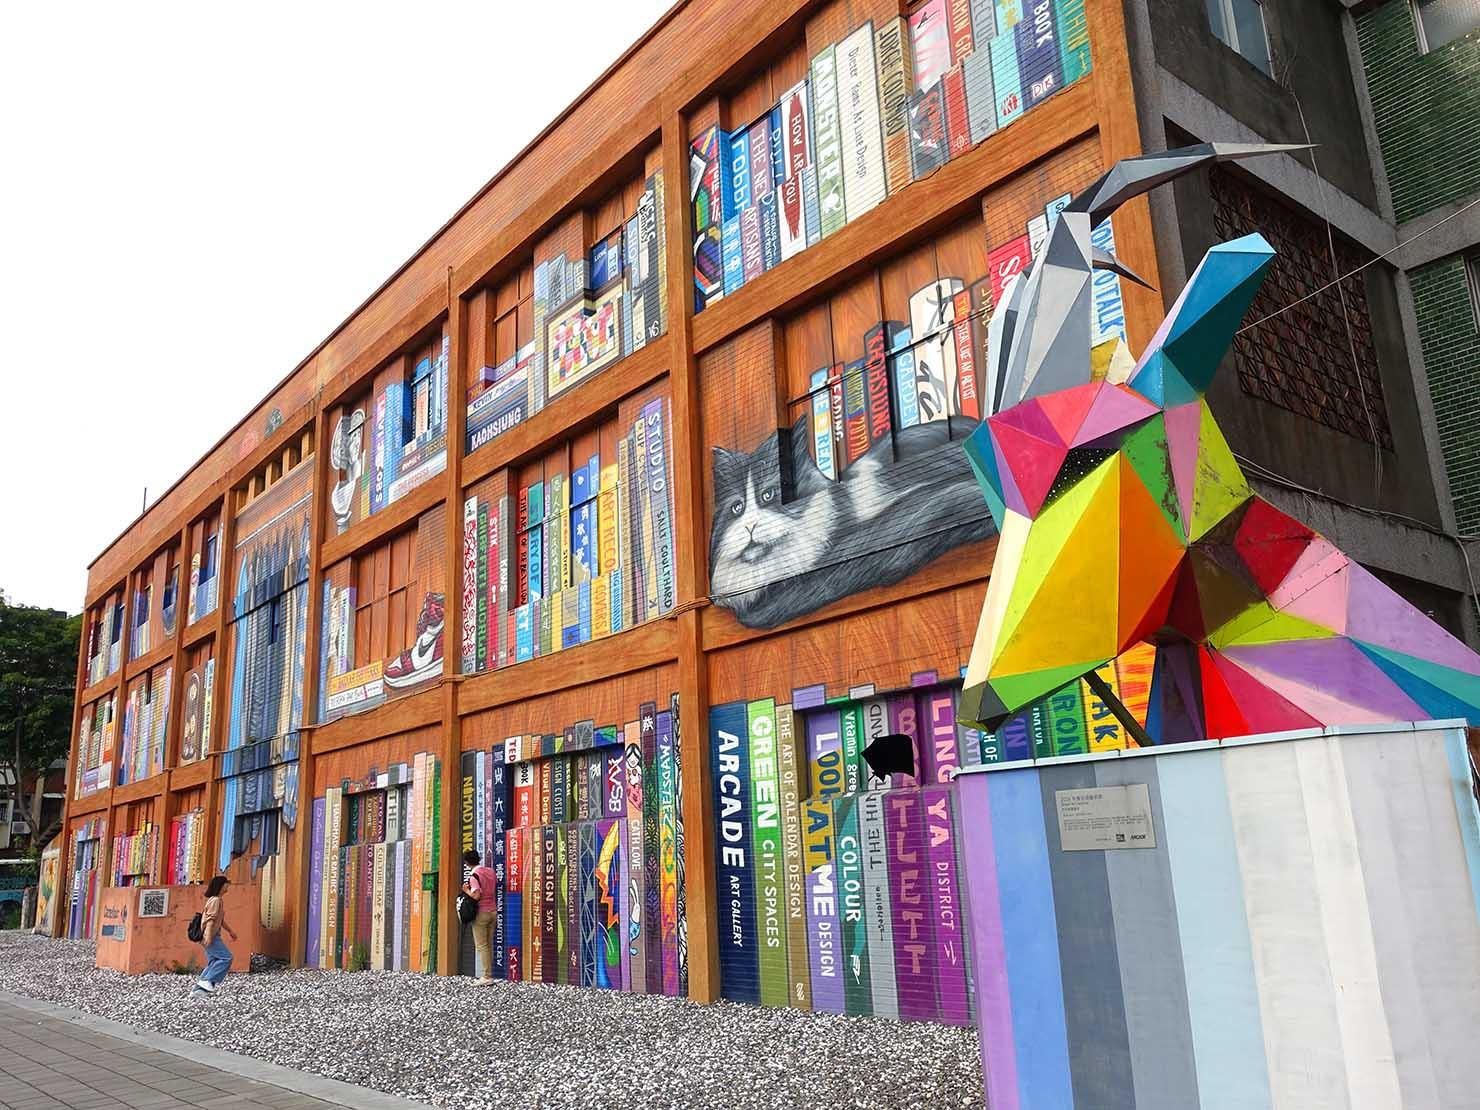 高雄のおすすめ観光スポット「衛武營」彩繪村の本棚が描かれた建物